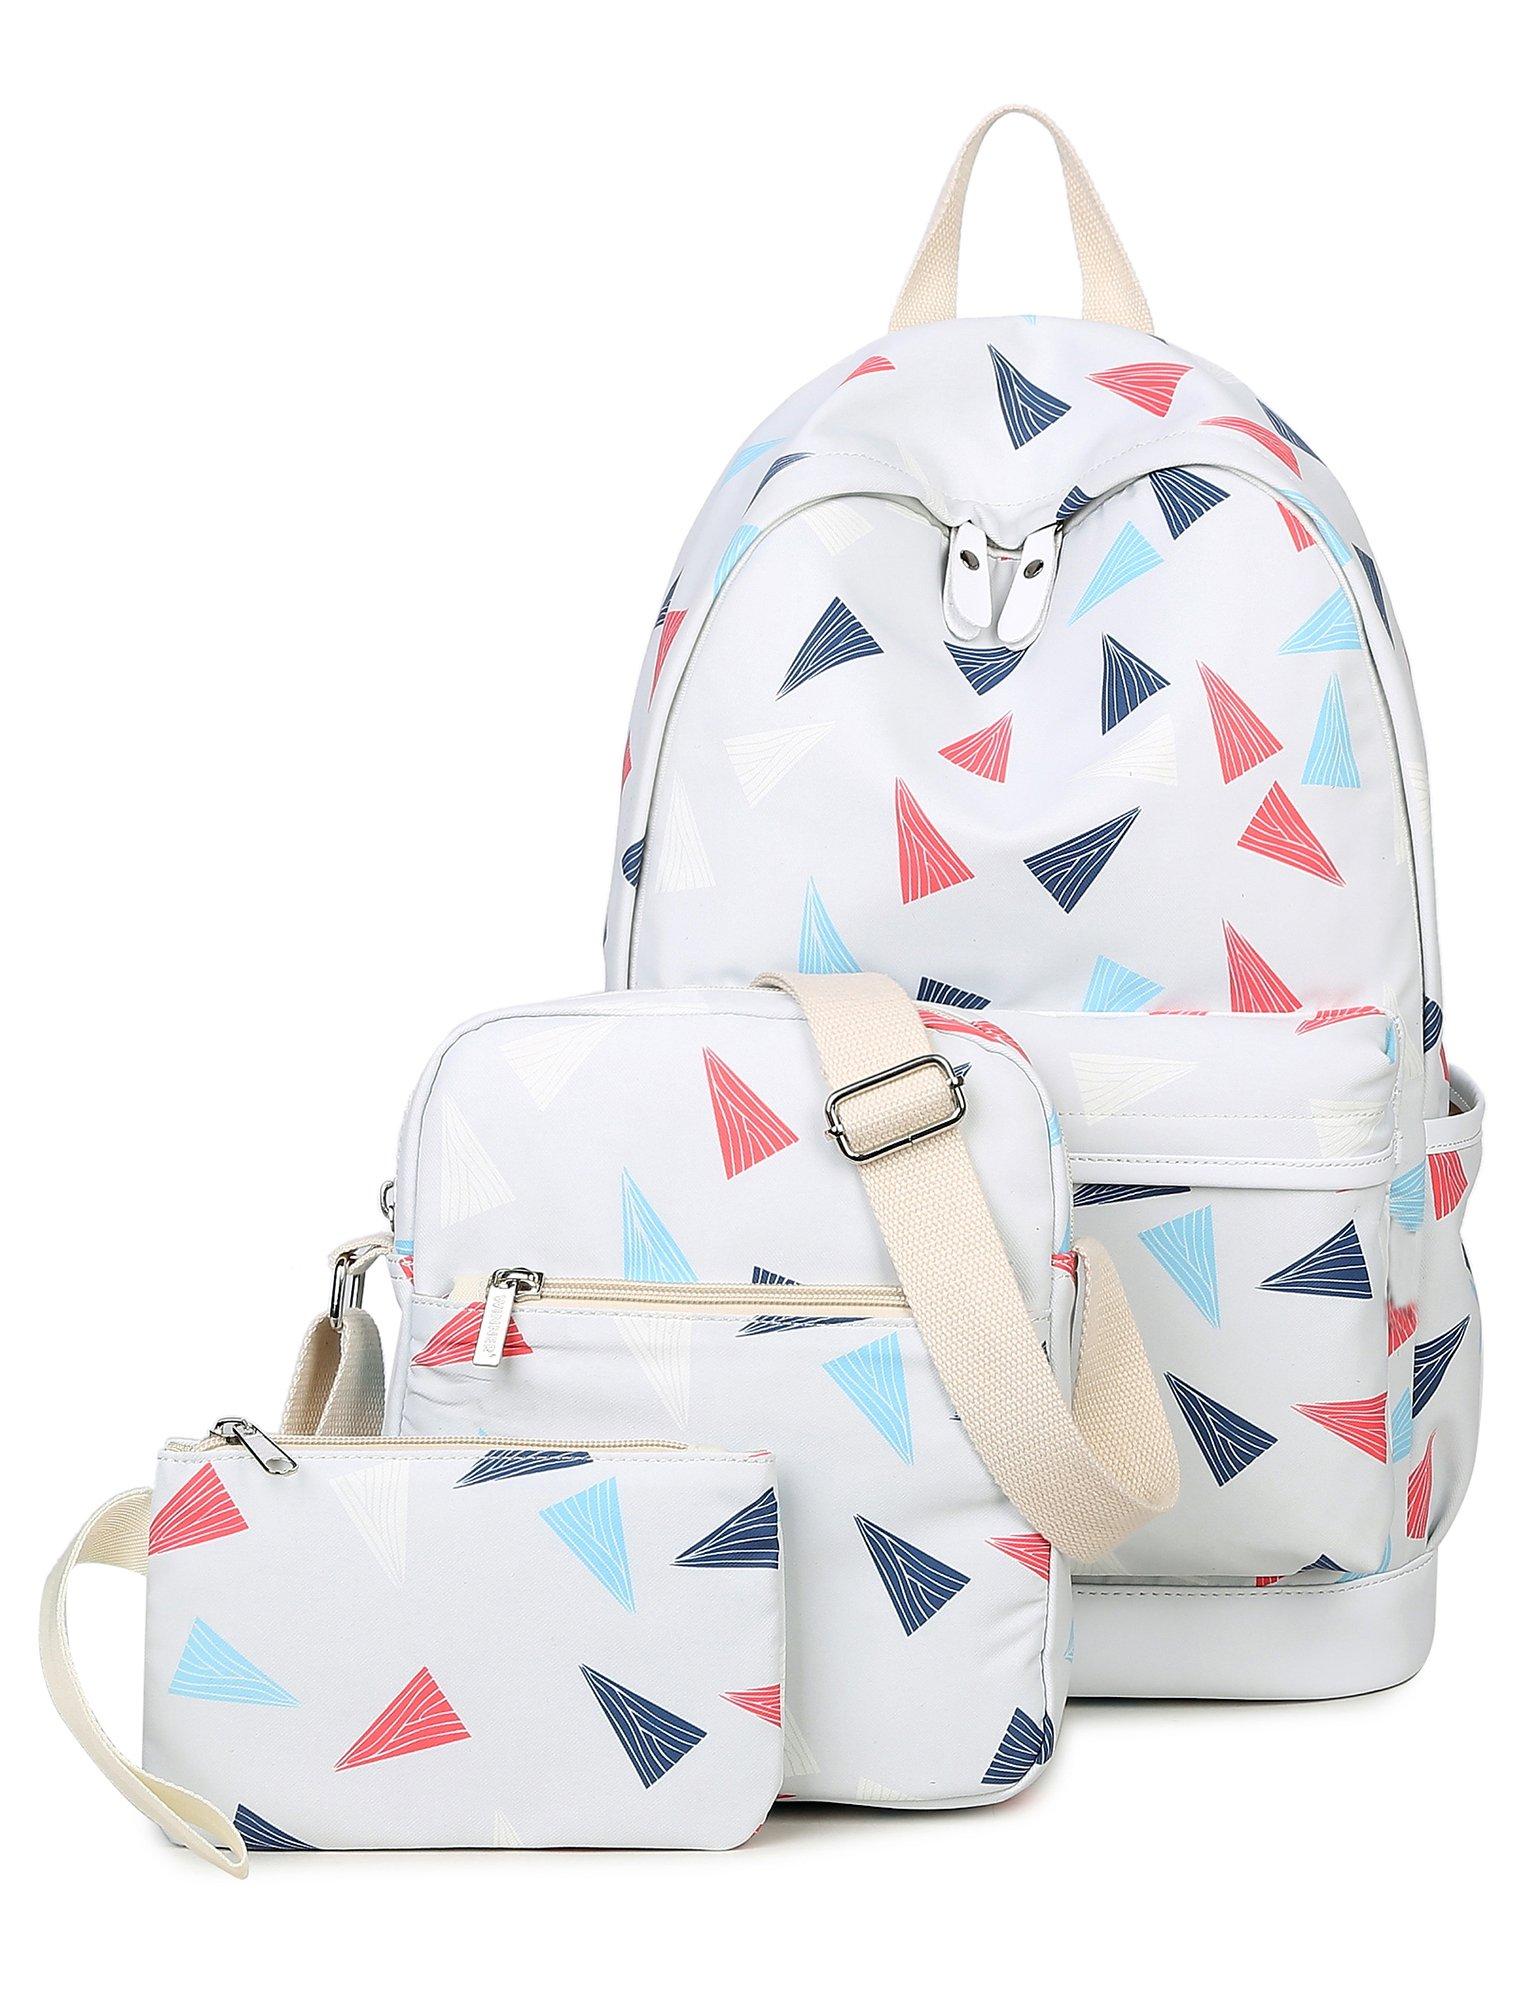 Leaper Cute Triangles Backpack Shoulder Bag Pencil Case 3PCS Set Light Gray